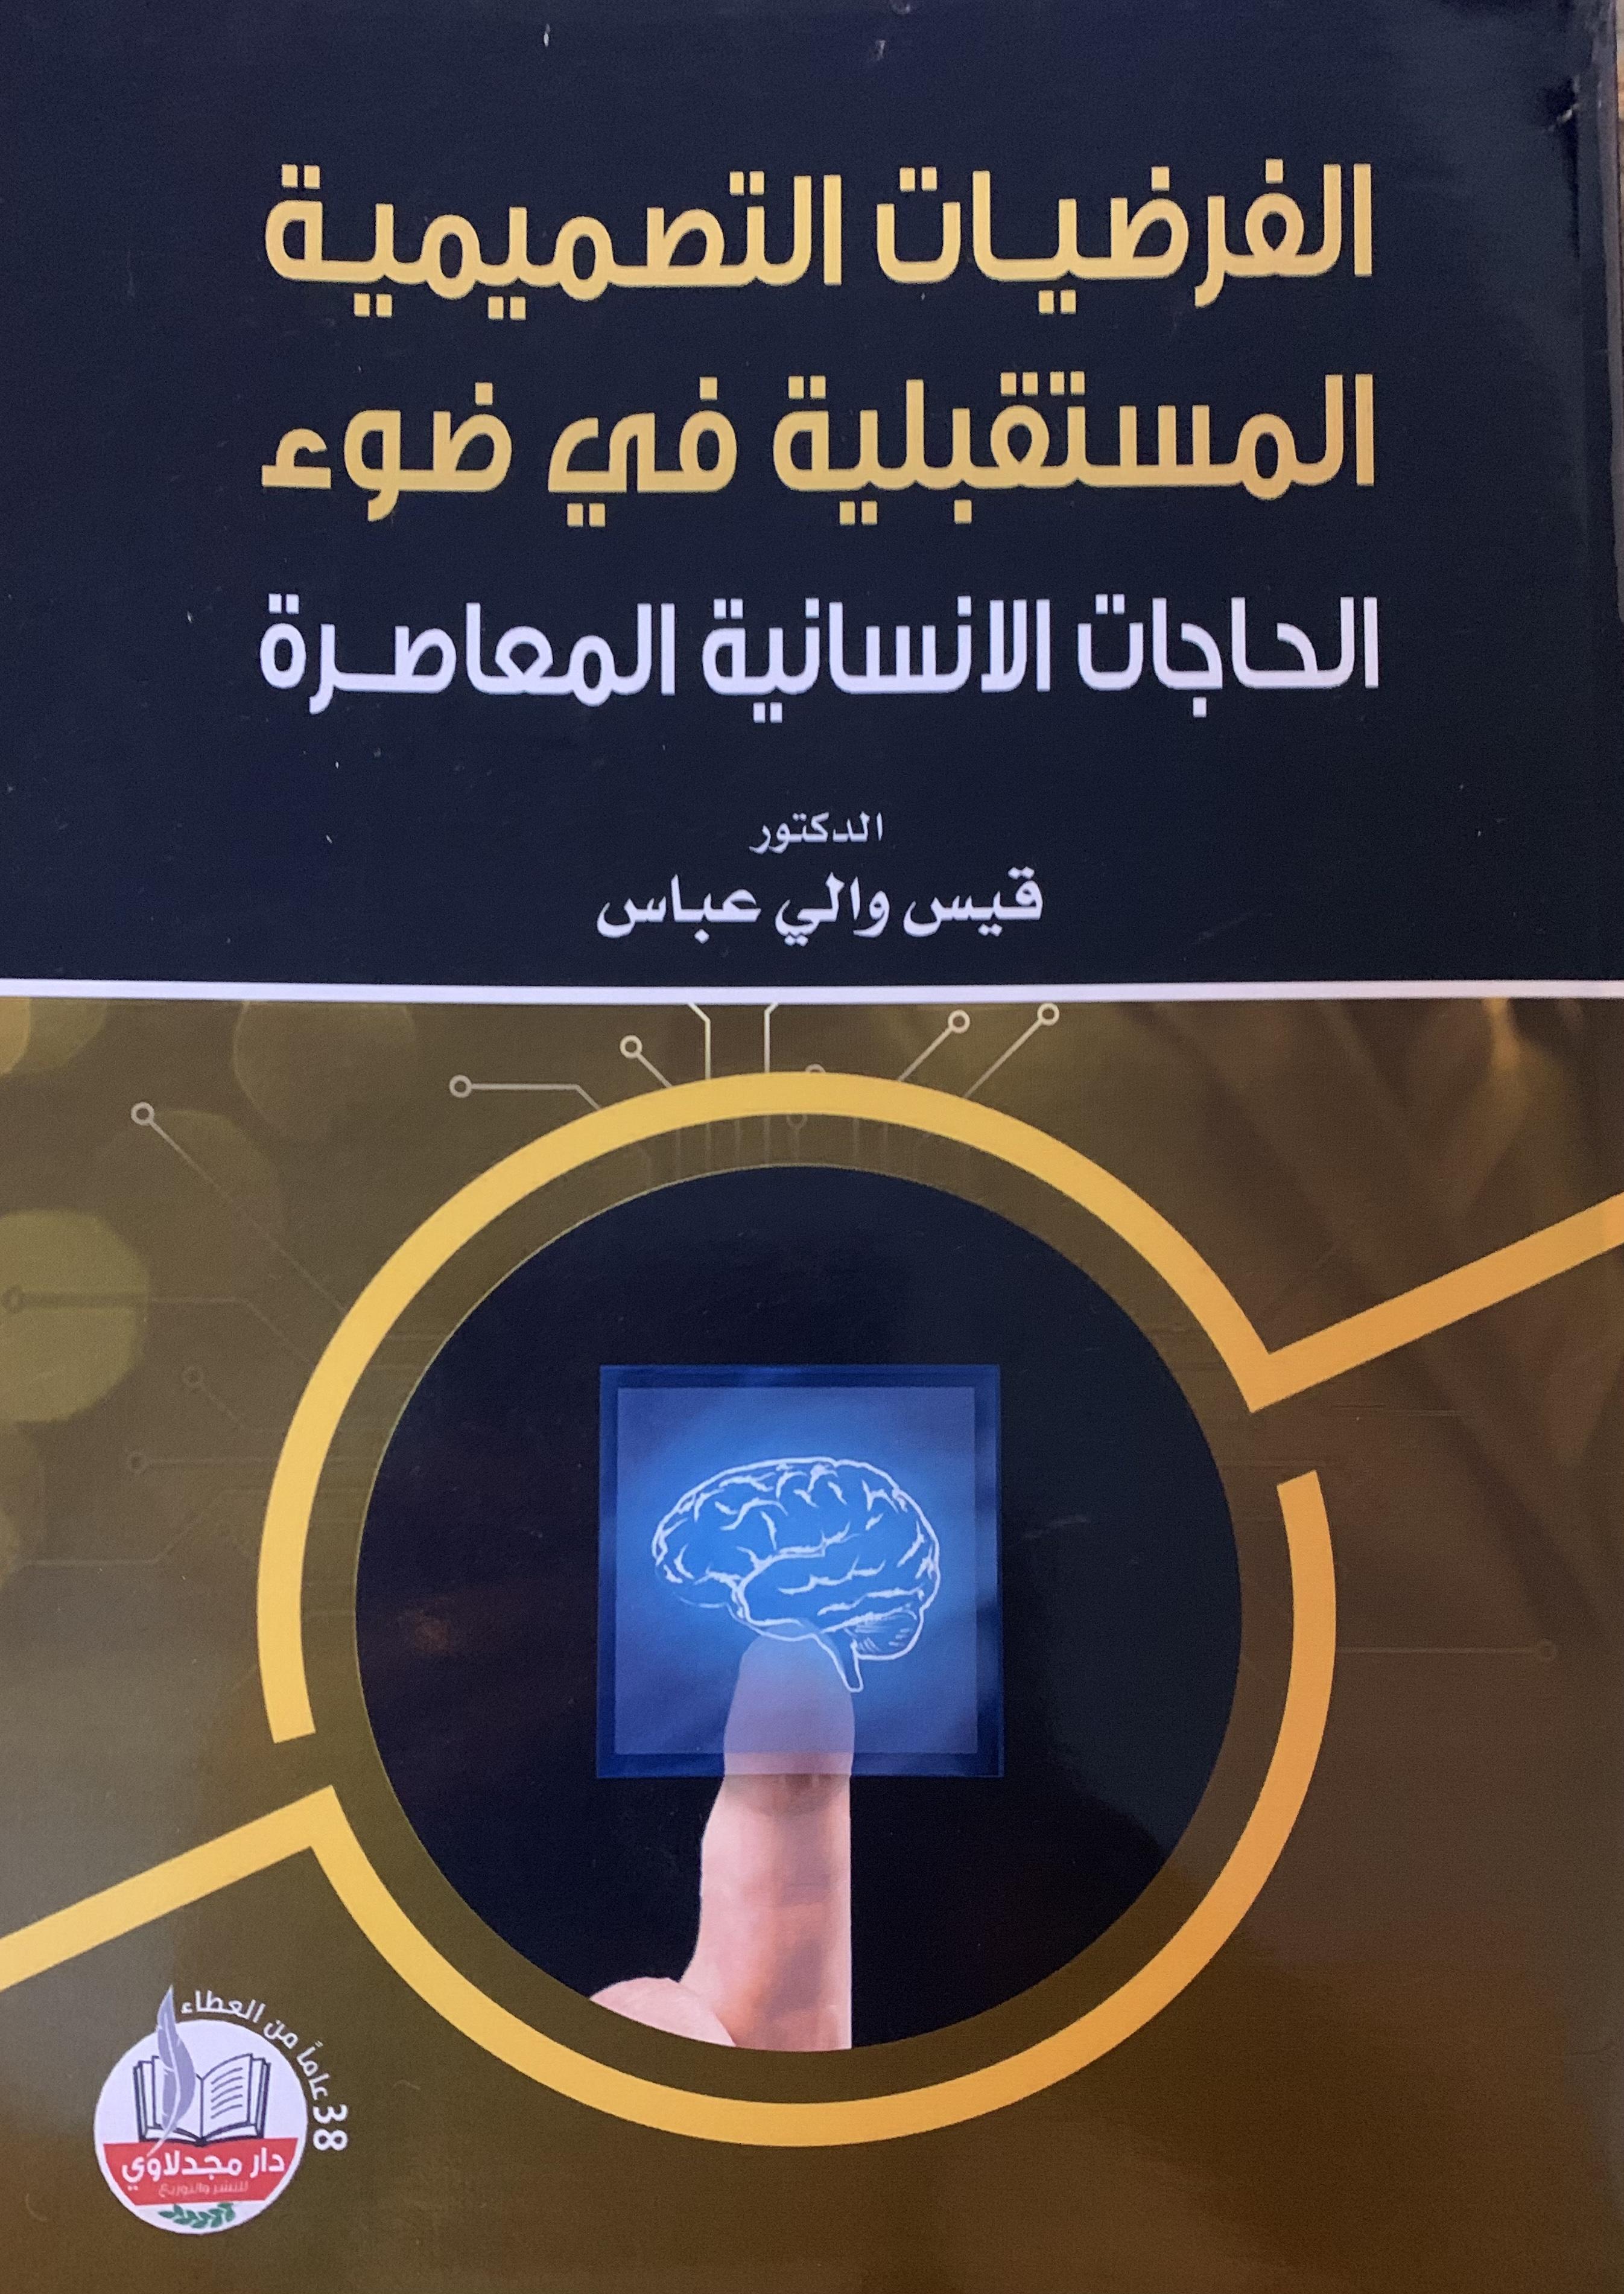 صدر حديثا كتاب الفرضيات التصميمية المستقبلية في ضوء الحاجات الإنسانية المعاصرة للدكتور المرحوم قيس والي عباس